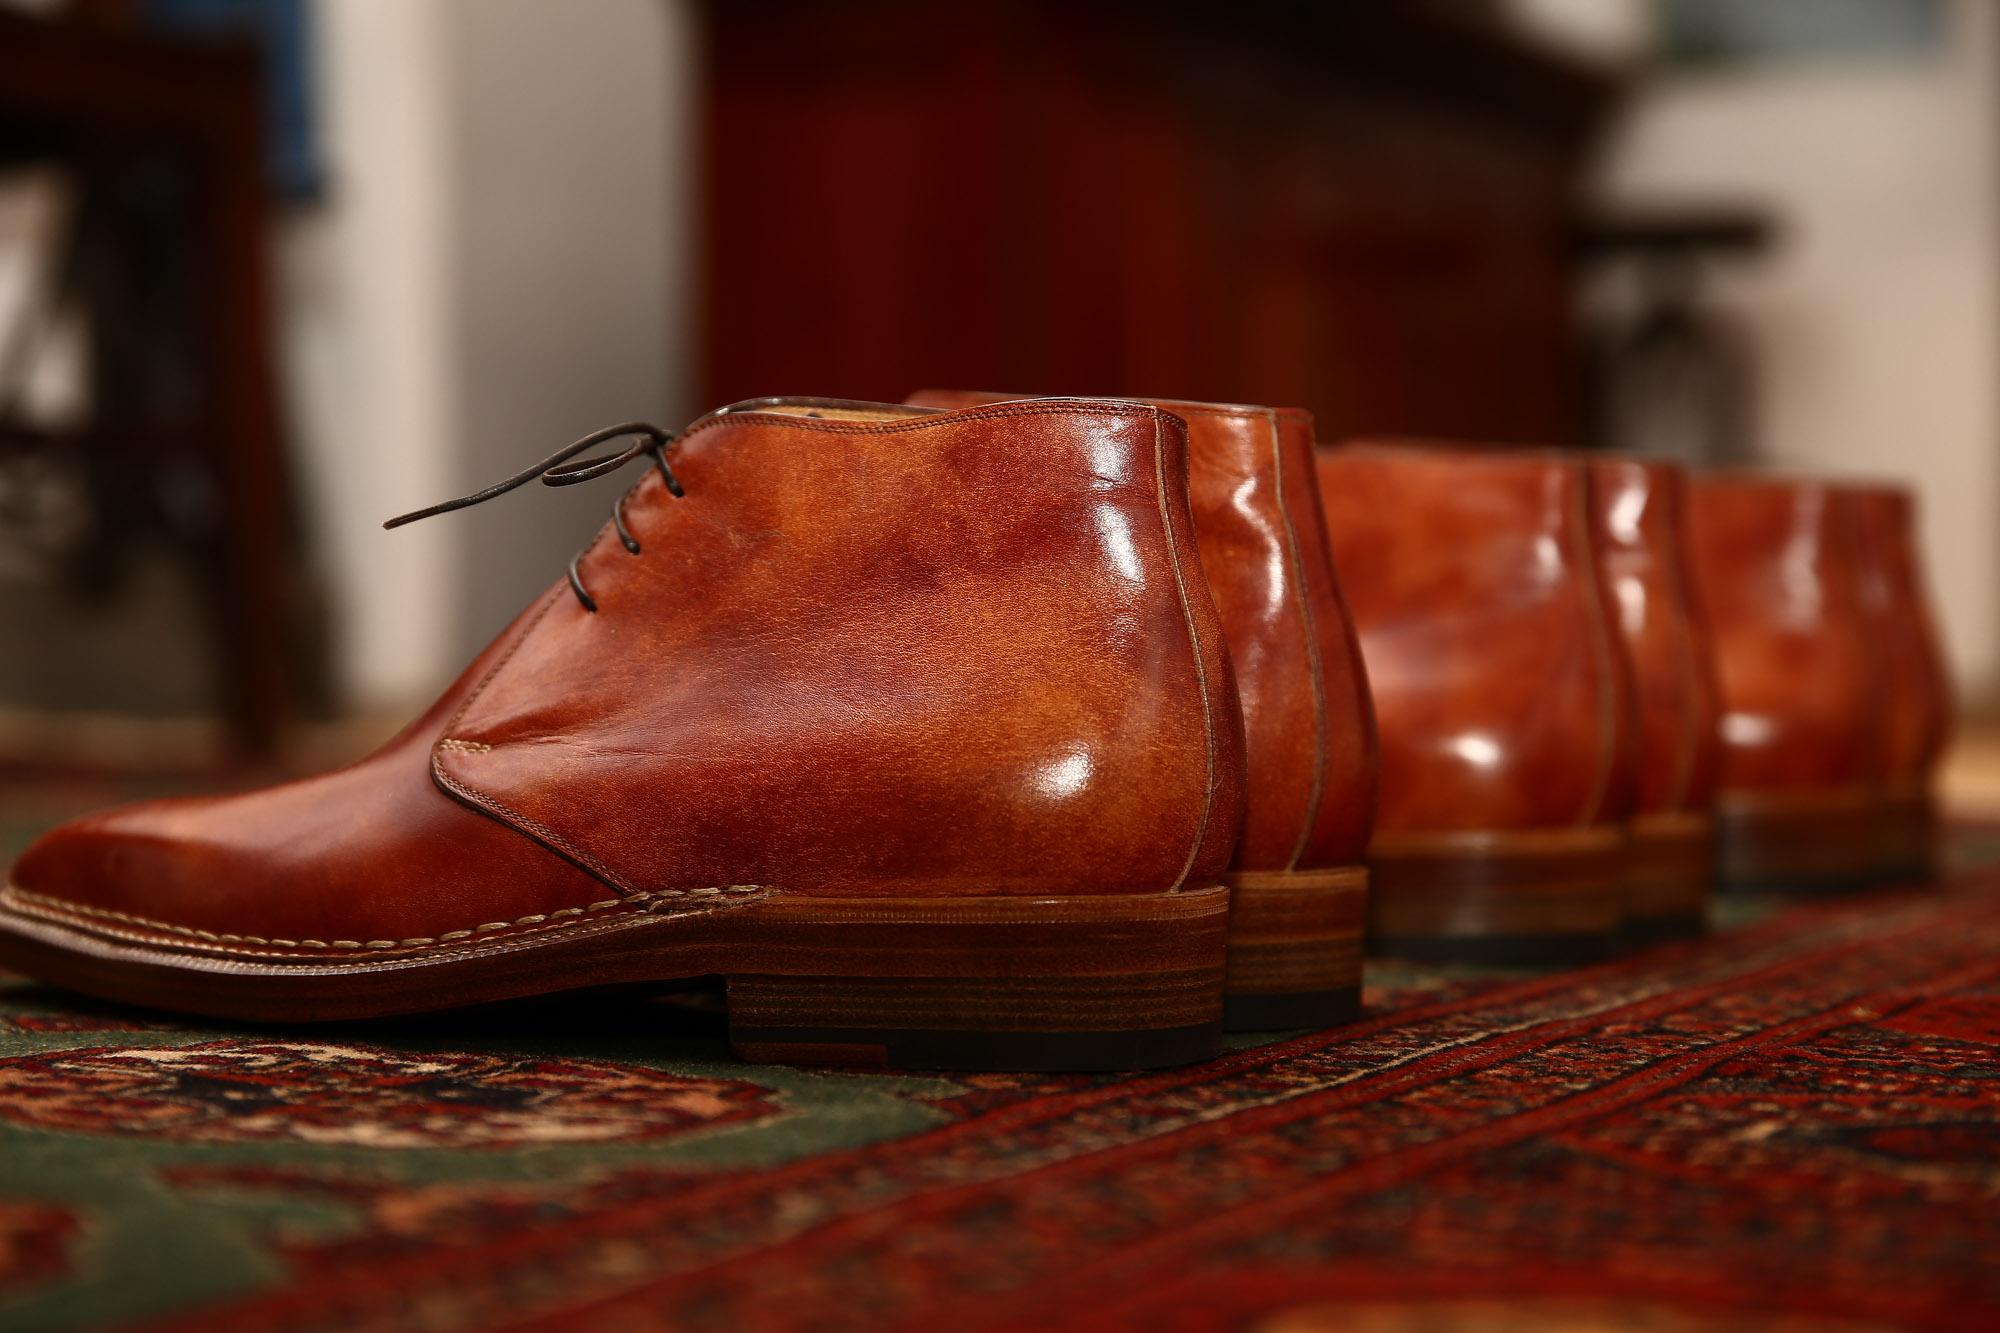 Enzo Bonafe エンツォボナフェ Art 3722 Chukka Boots チャッカブーツ